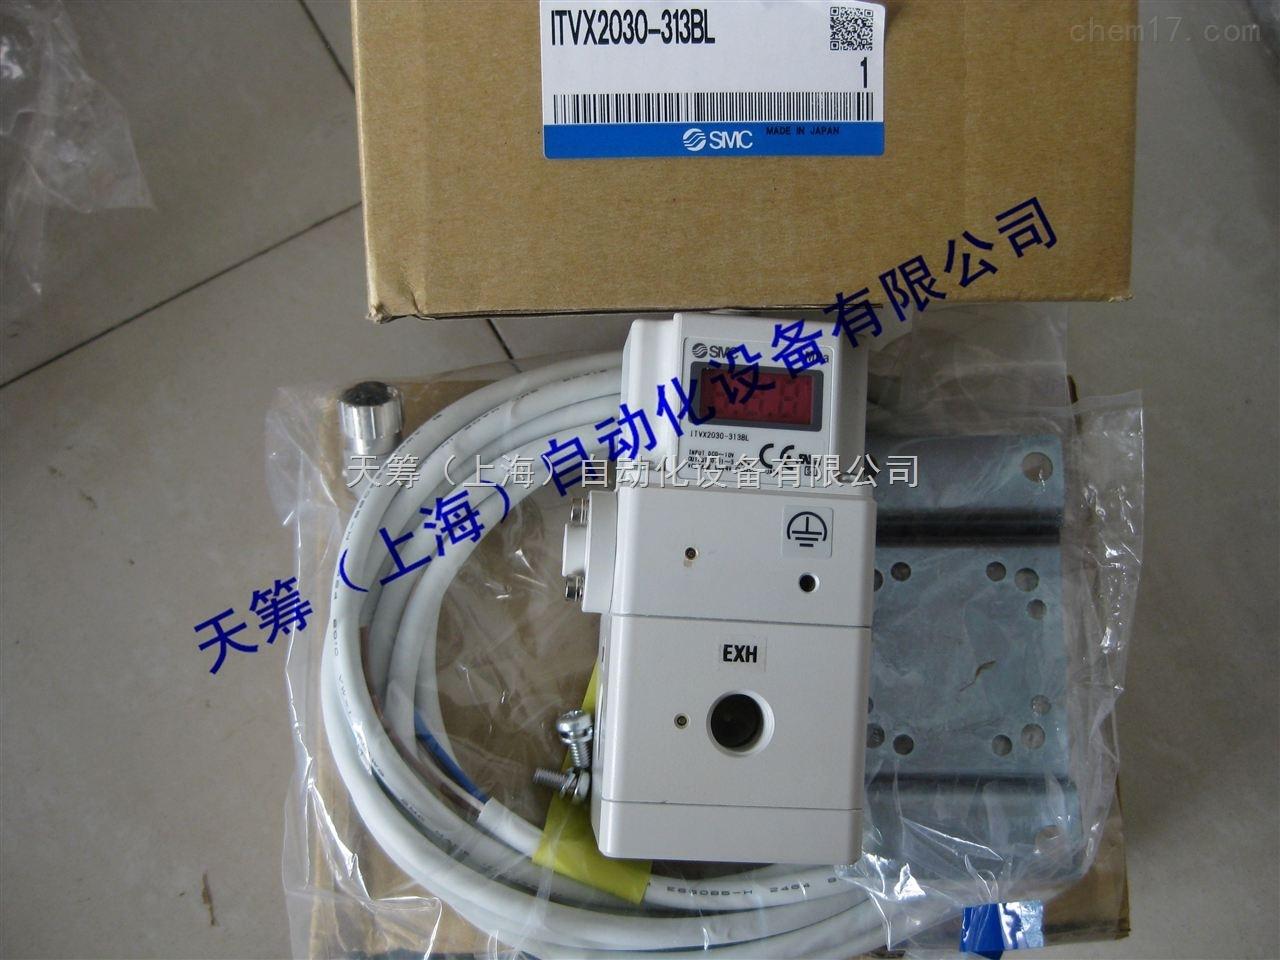 日本smc高压电气比例阀itvx2030-313bl图片